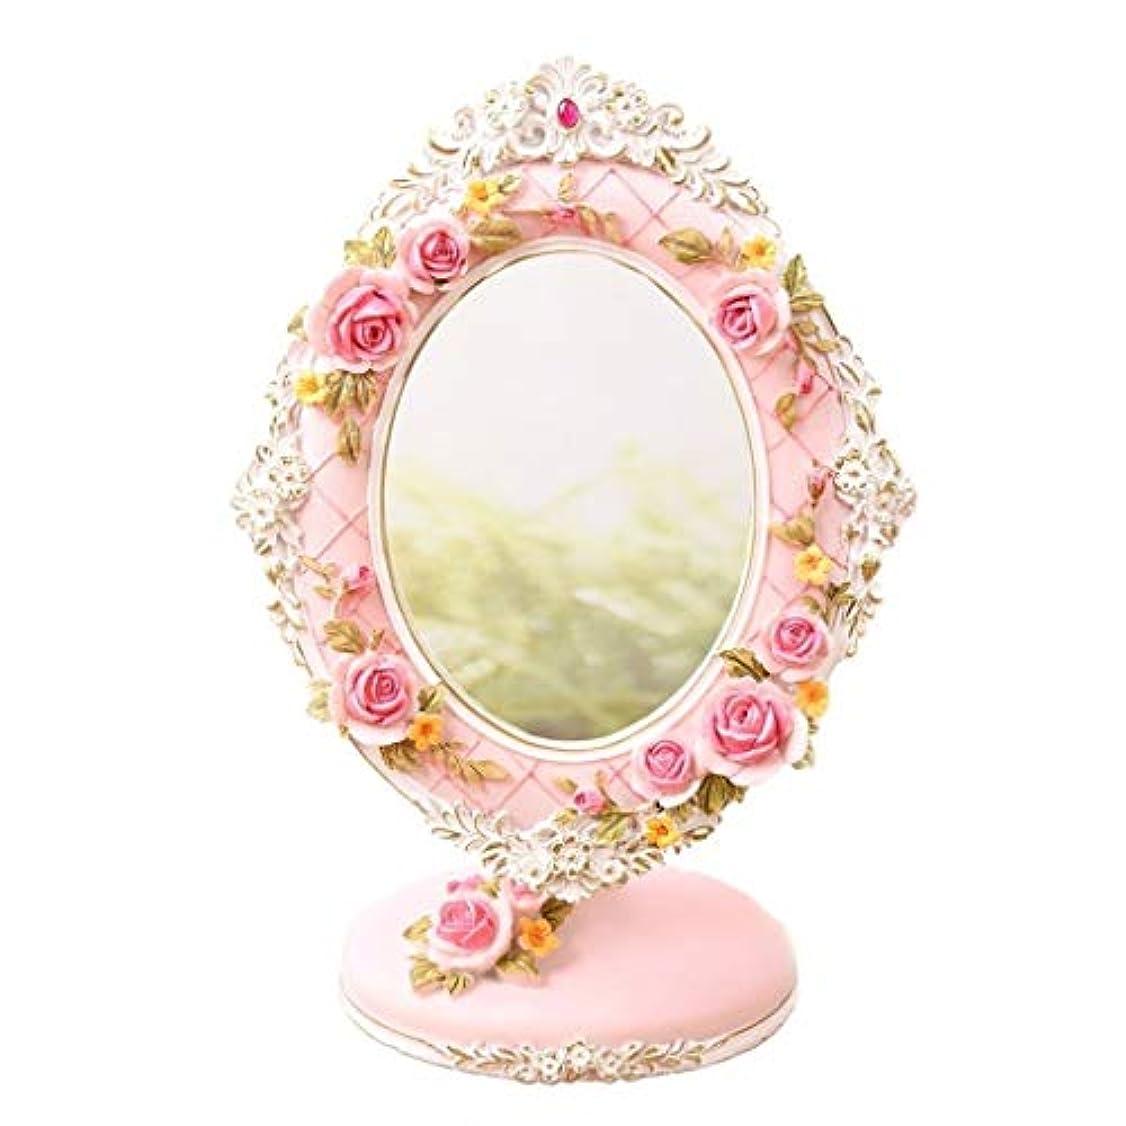 師匠鳴らすひまわりSelm 化粧のためのデスクトップミラー、自然光72度回転自立化粧台ベッドルームに適し、バラの彫刻